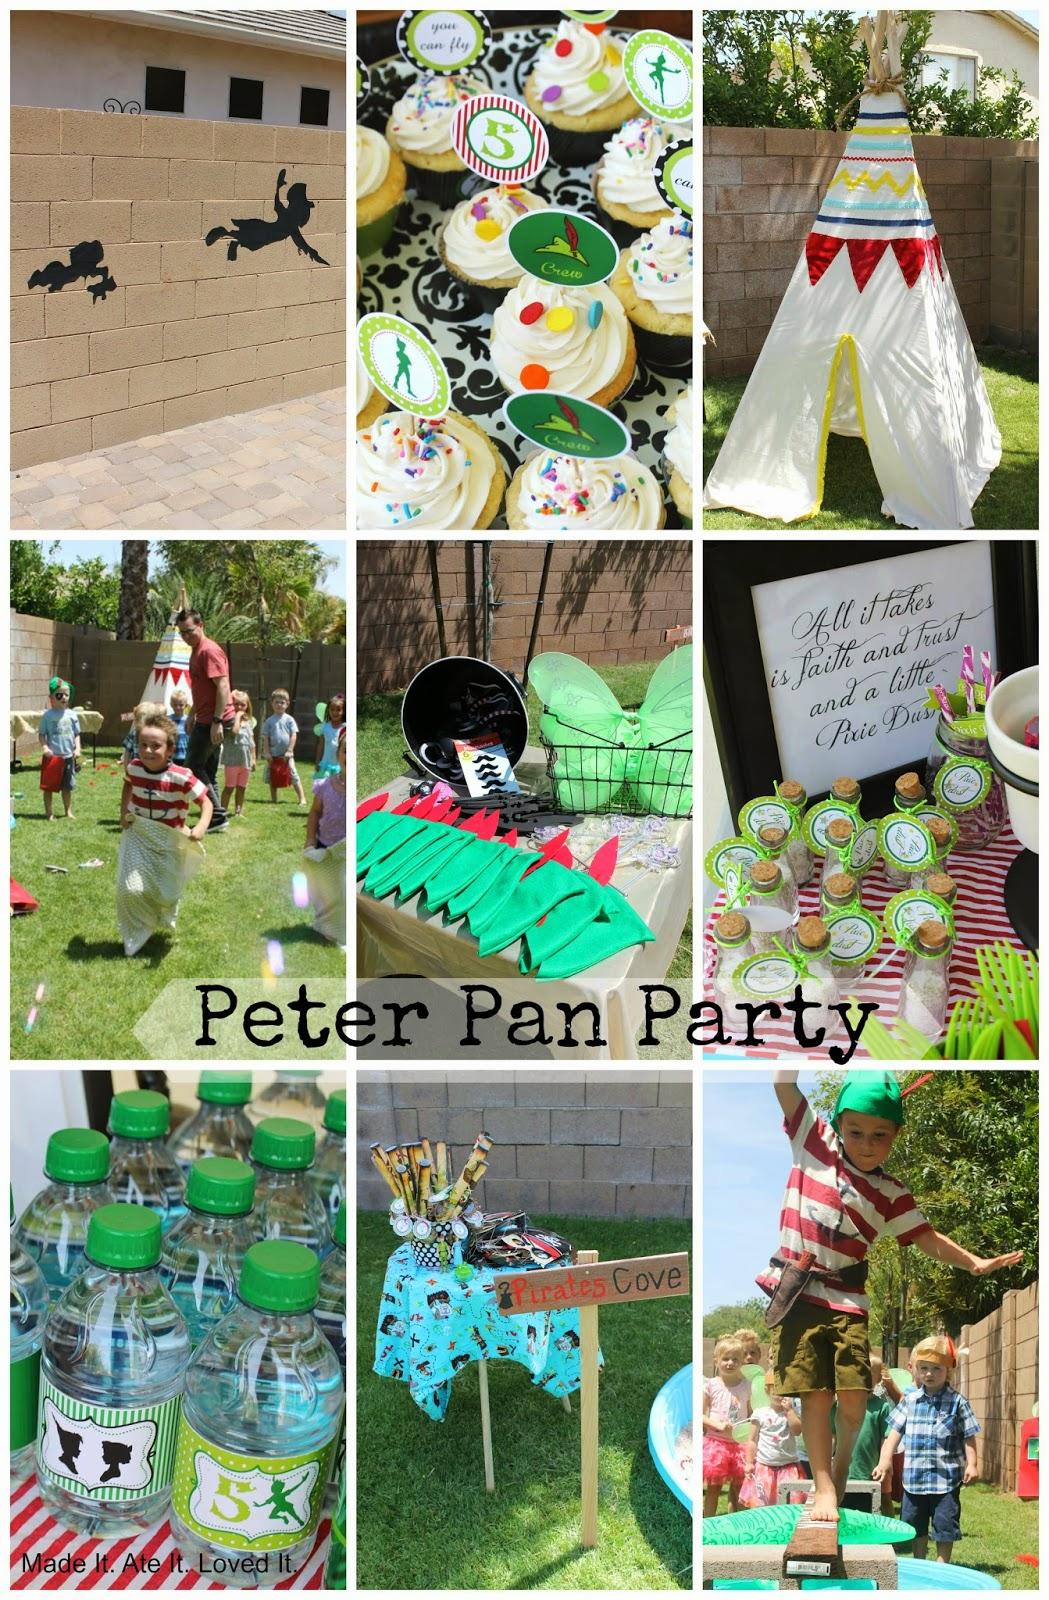 A SPECTACULAR Peter Pan Party!